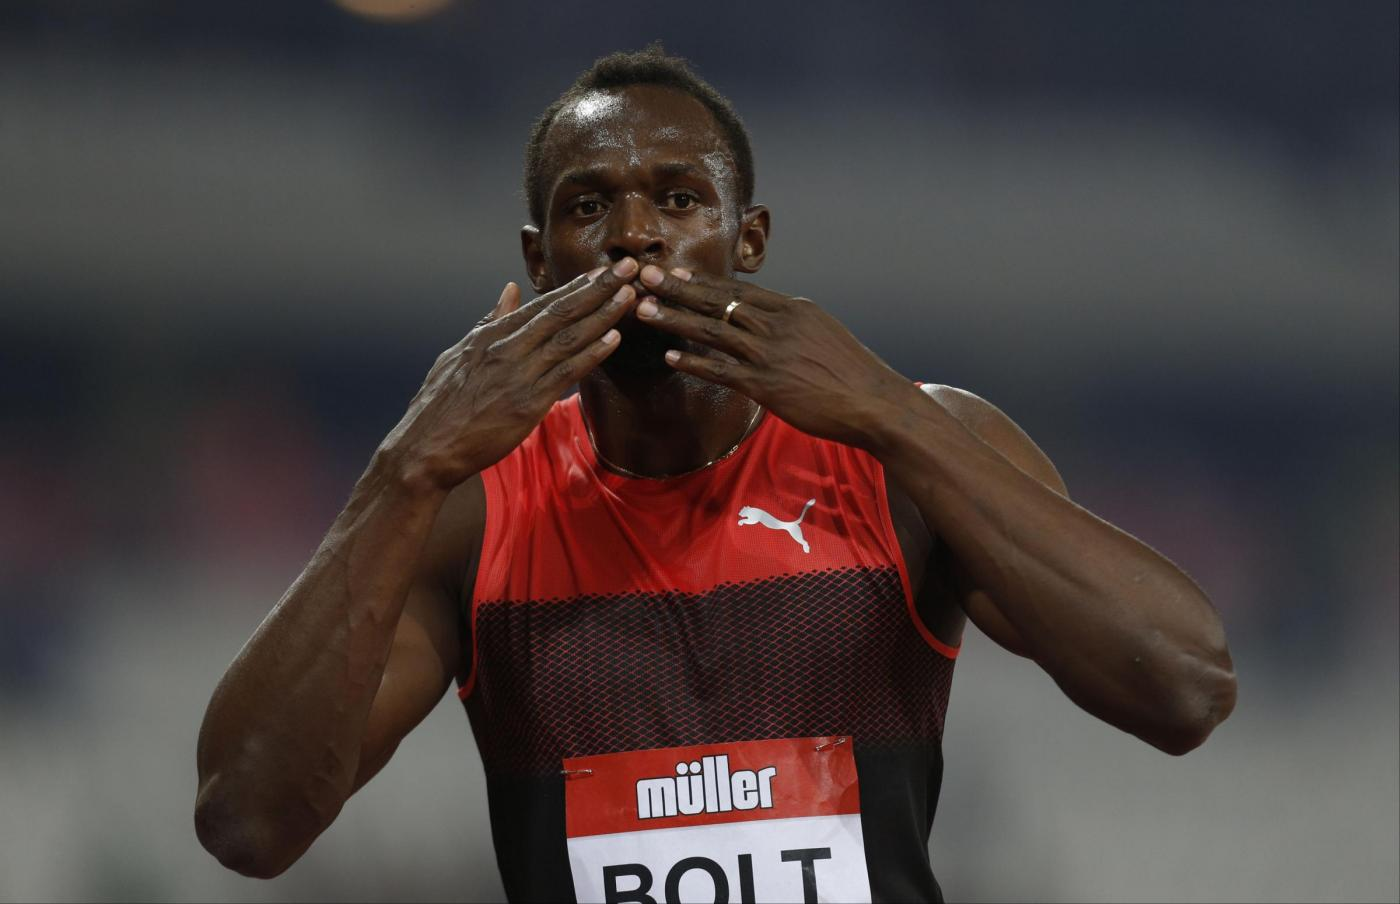 Olimpiadi 2016, Usain Bolt: il giamaicano atteso dalla storia (ancora)